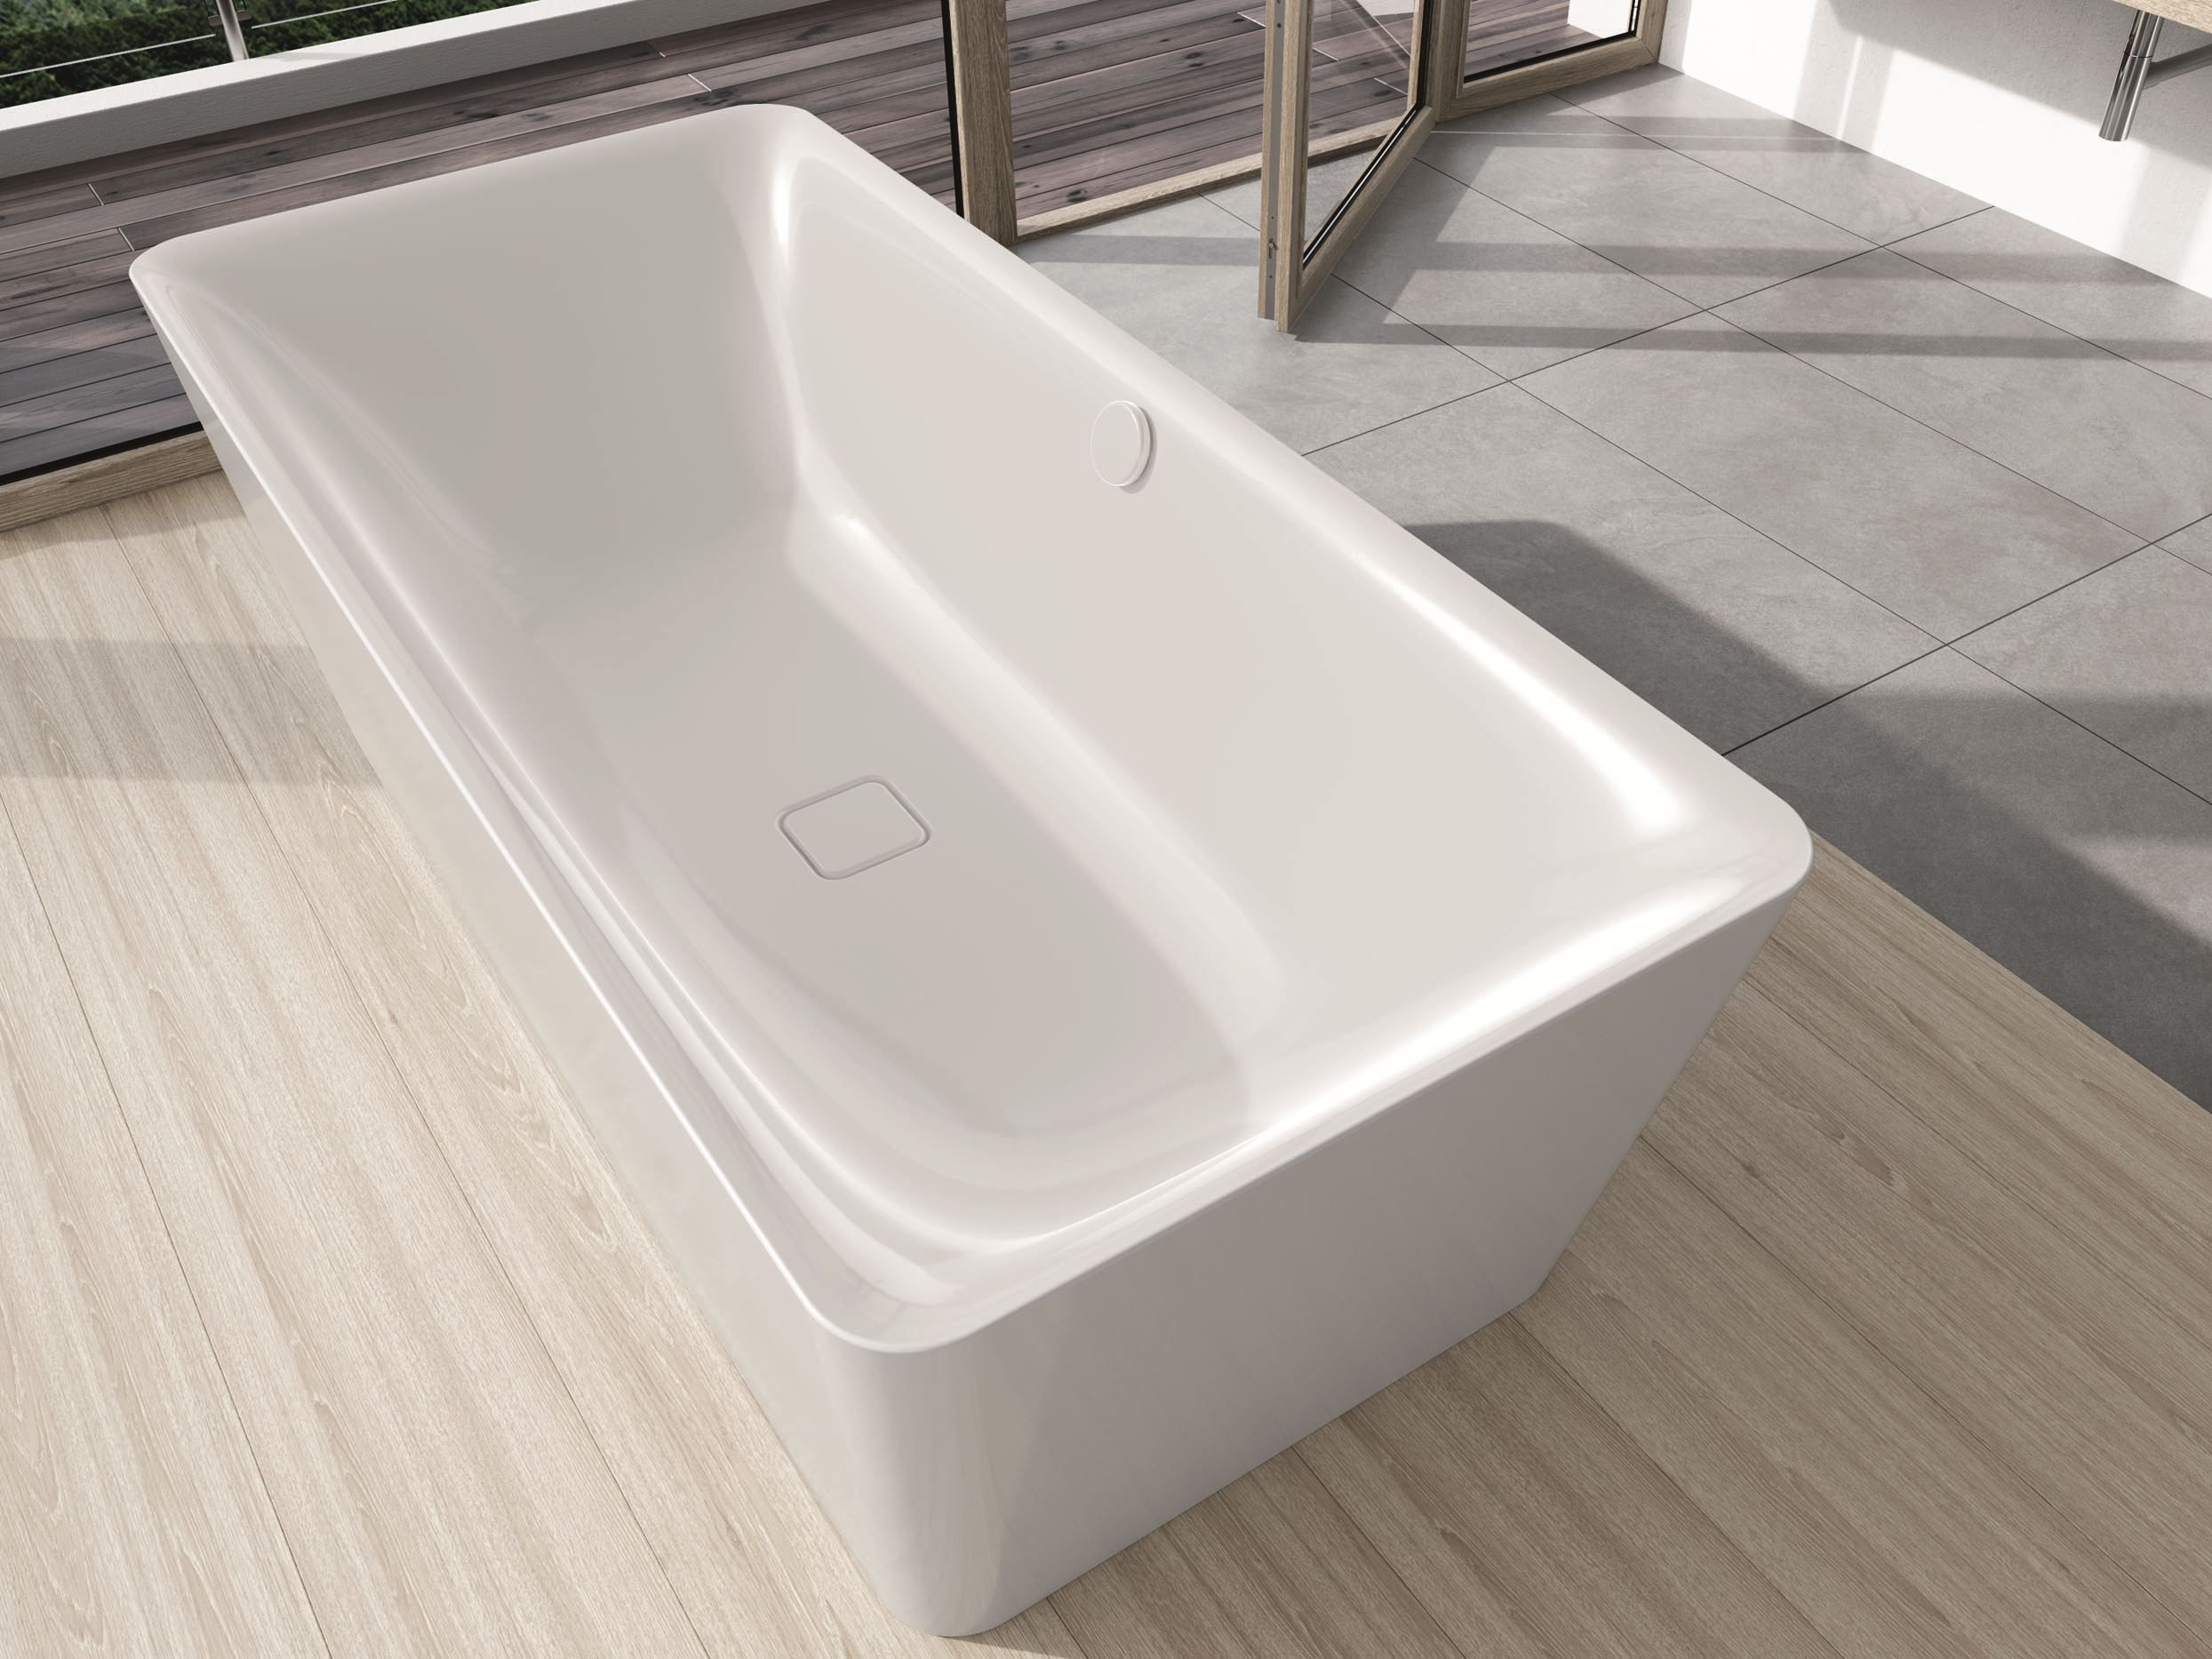 Vasca Da Bagno Kaldewei : Vasca da bagno centro stanza in acciaio smaltato meisterstÜck